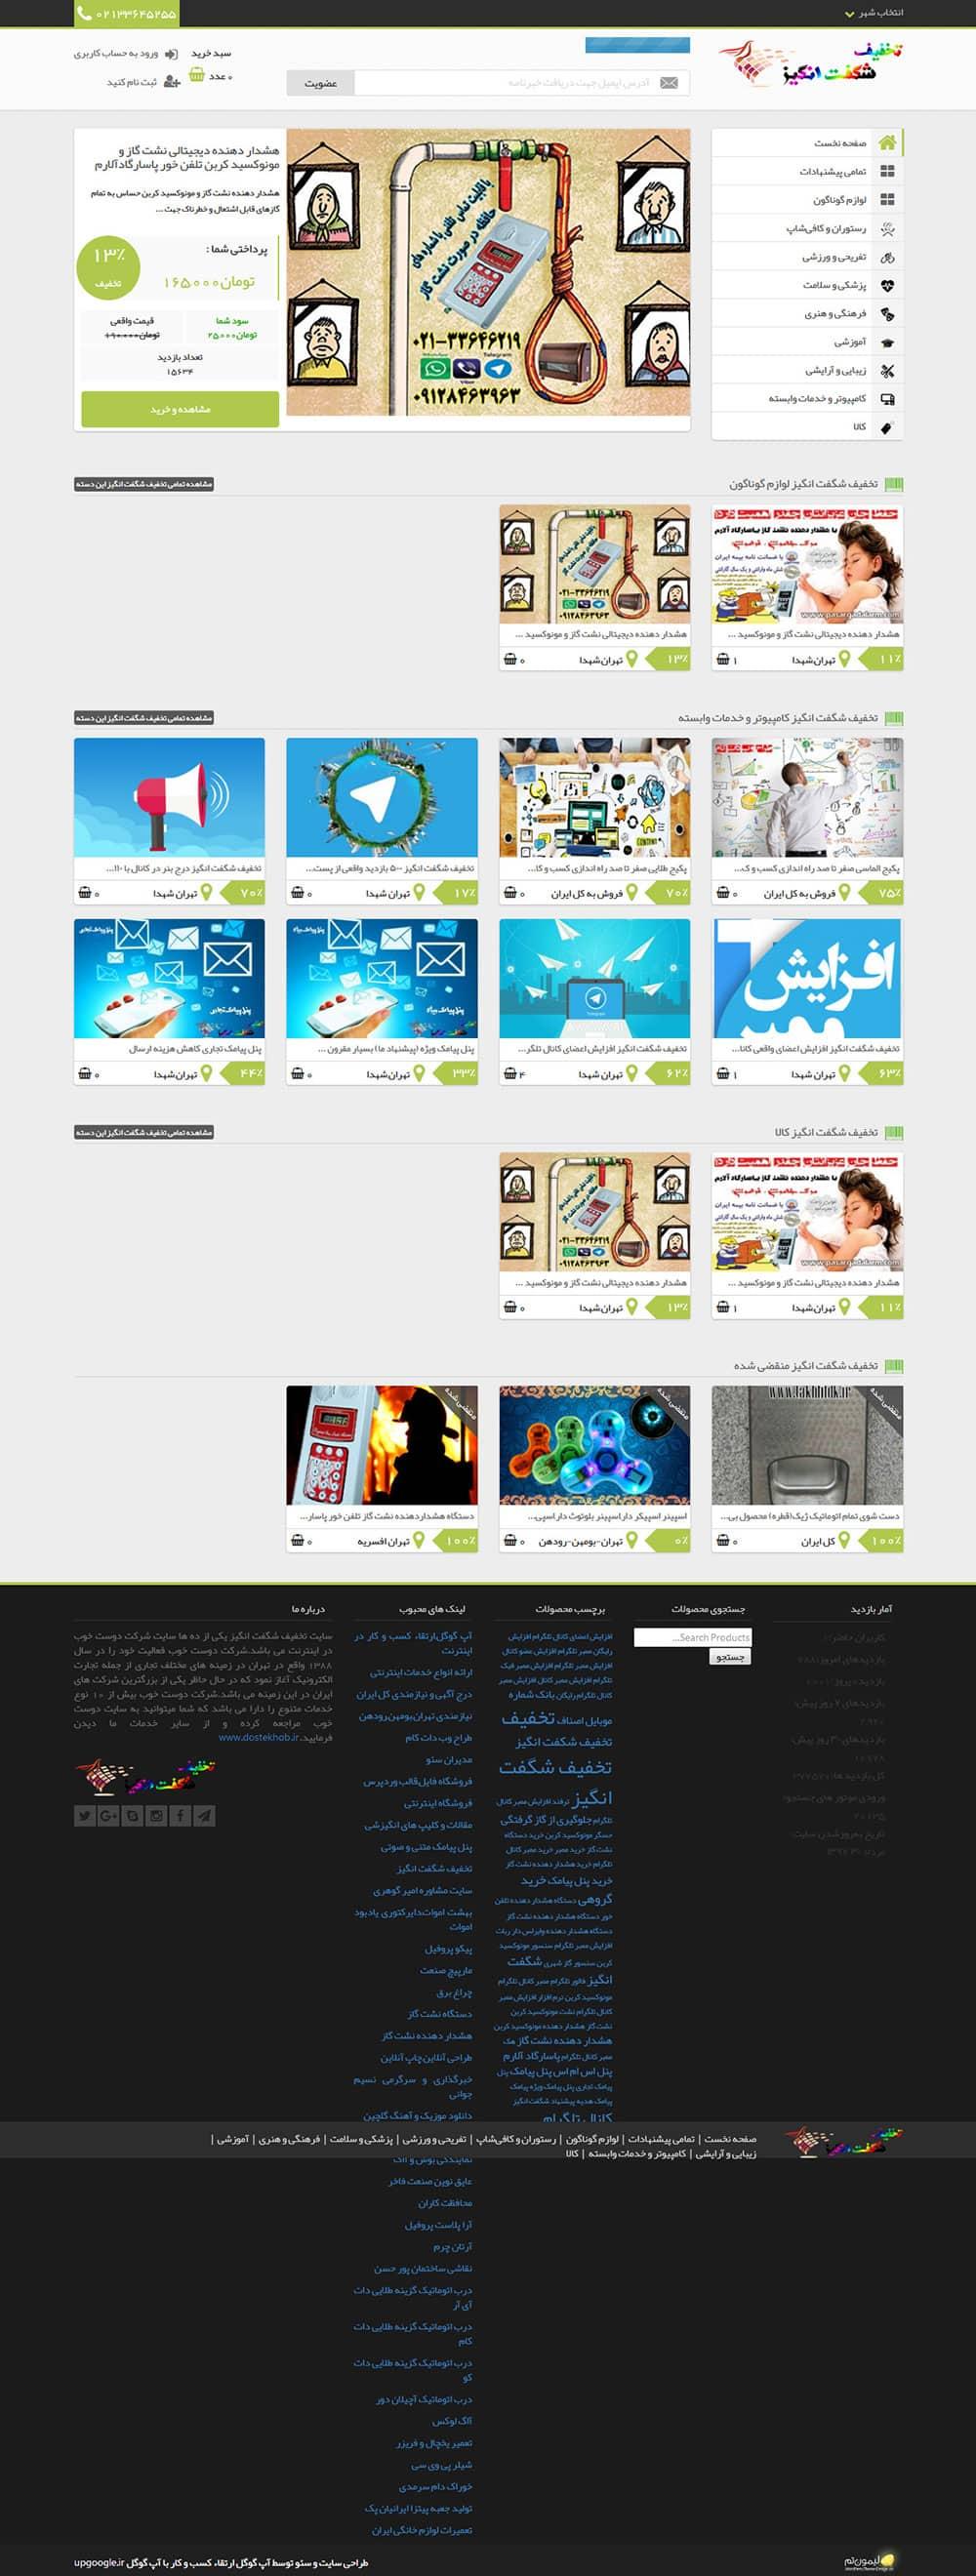 طراحی سایت تخفیف شگفت انگیز